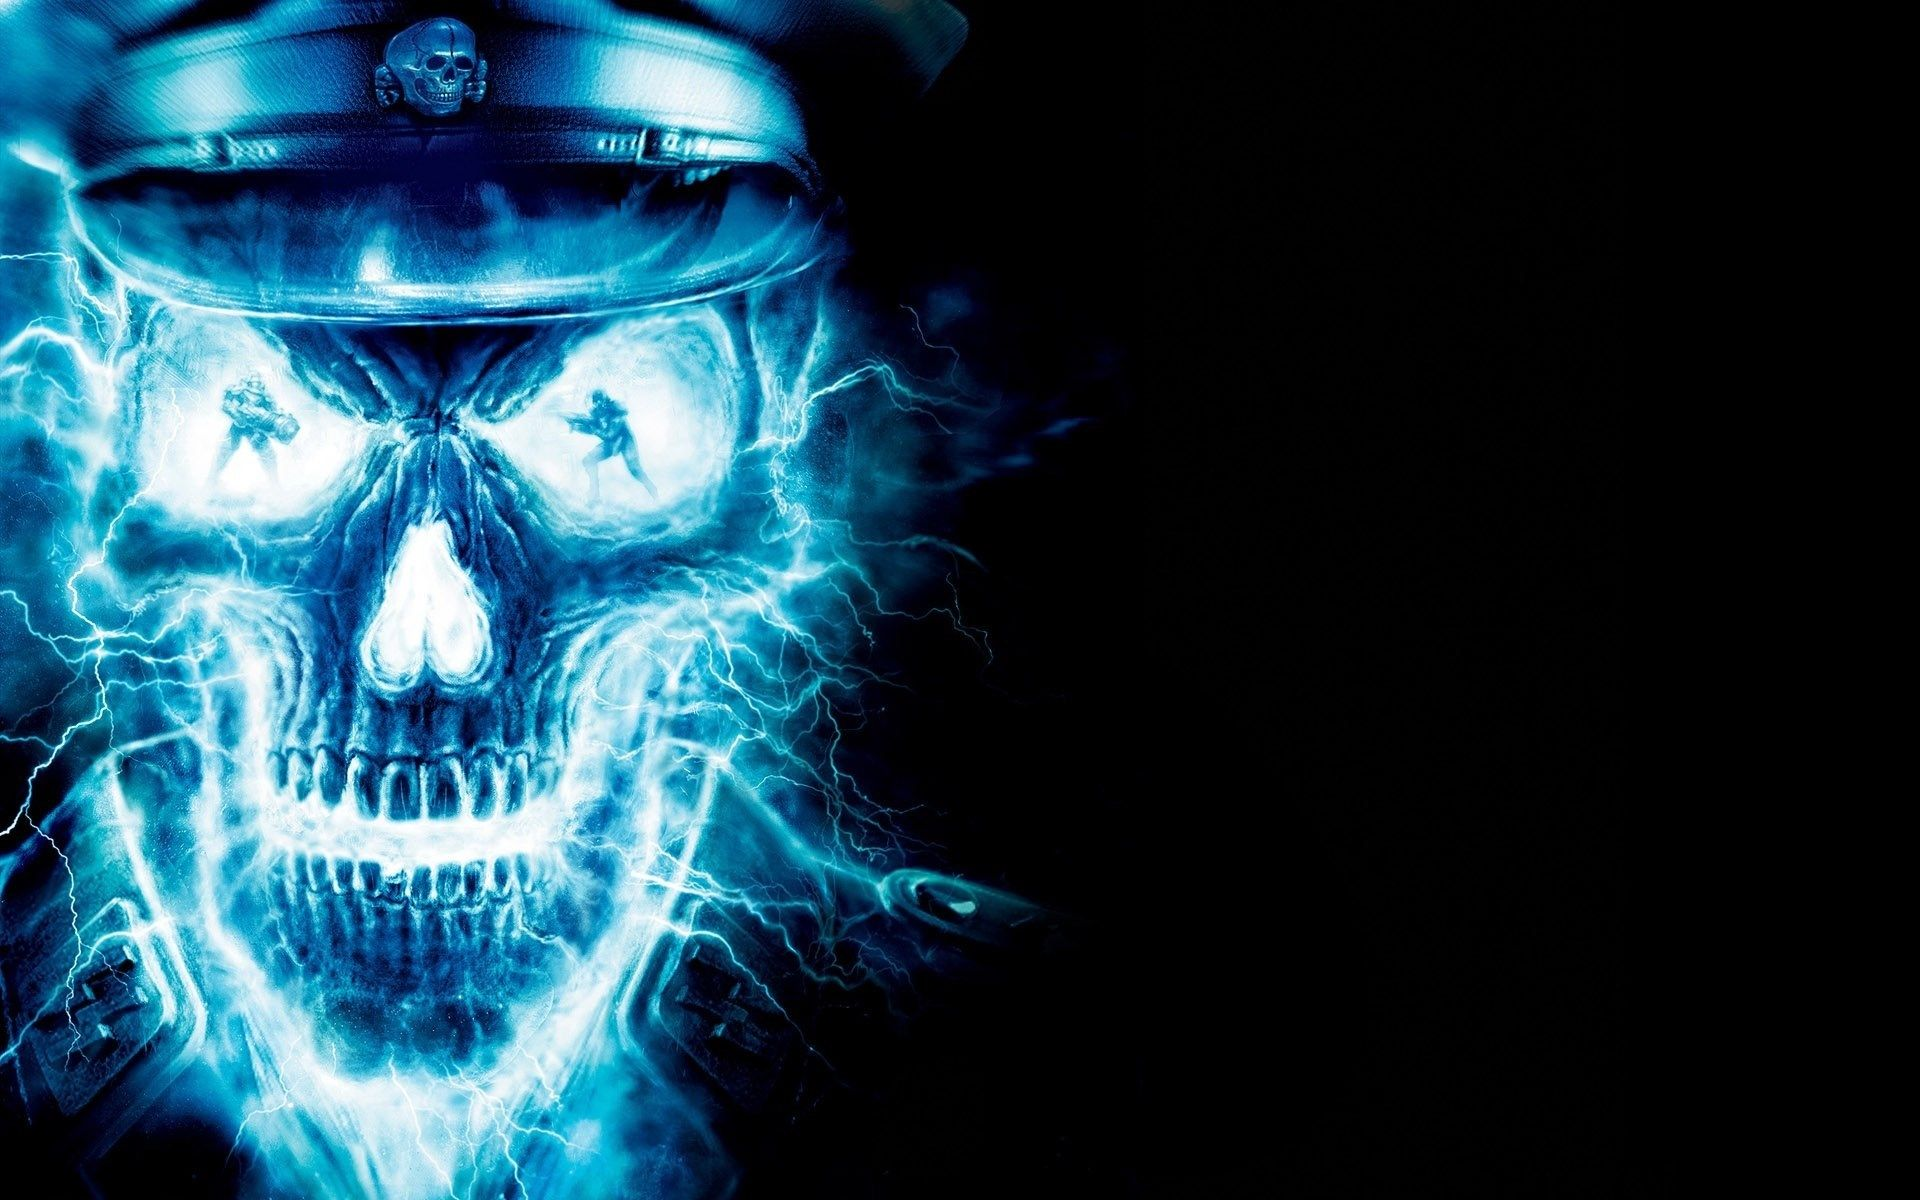 Light Skull Dark Wallpaper 2021 Live Wallpaper Hd Skull Wallpaper Hd Skull Wallpapers Cool Wallpapers Skull